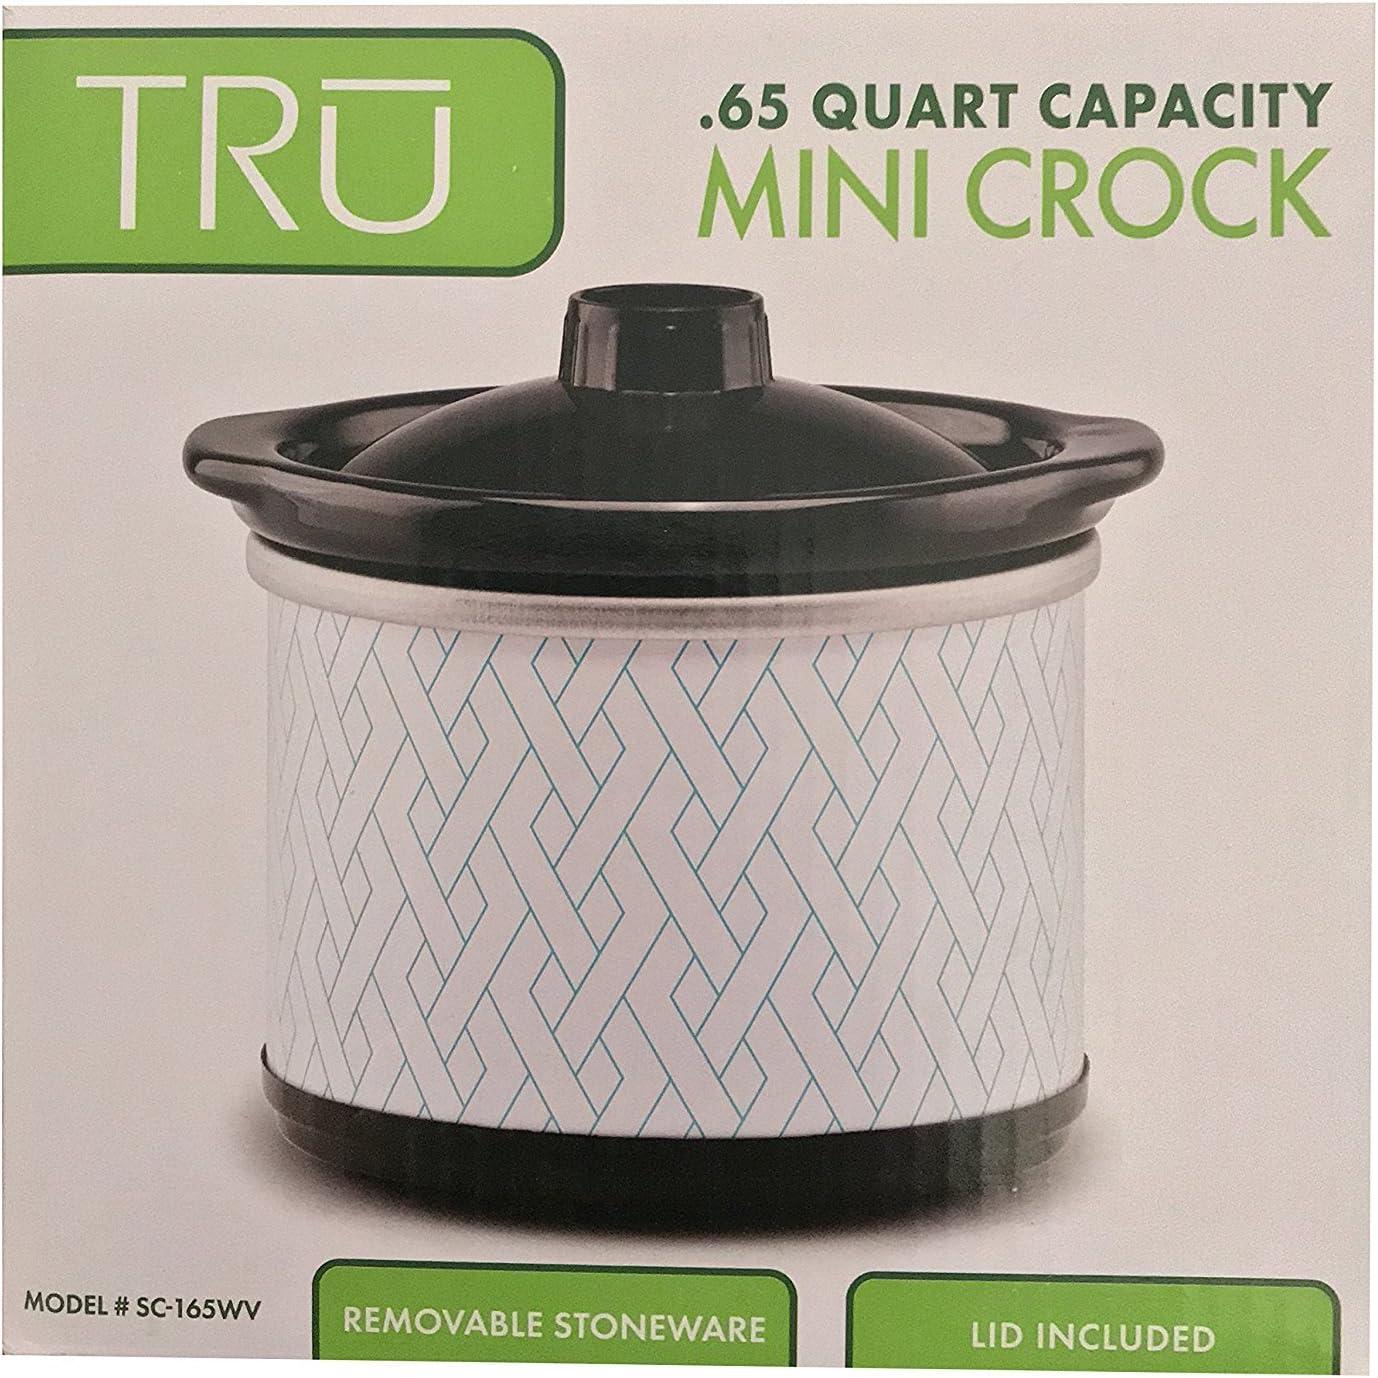 Renewed TRU Tru Stainless Steel Mini Crock .65-qt.